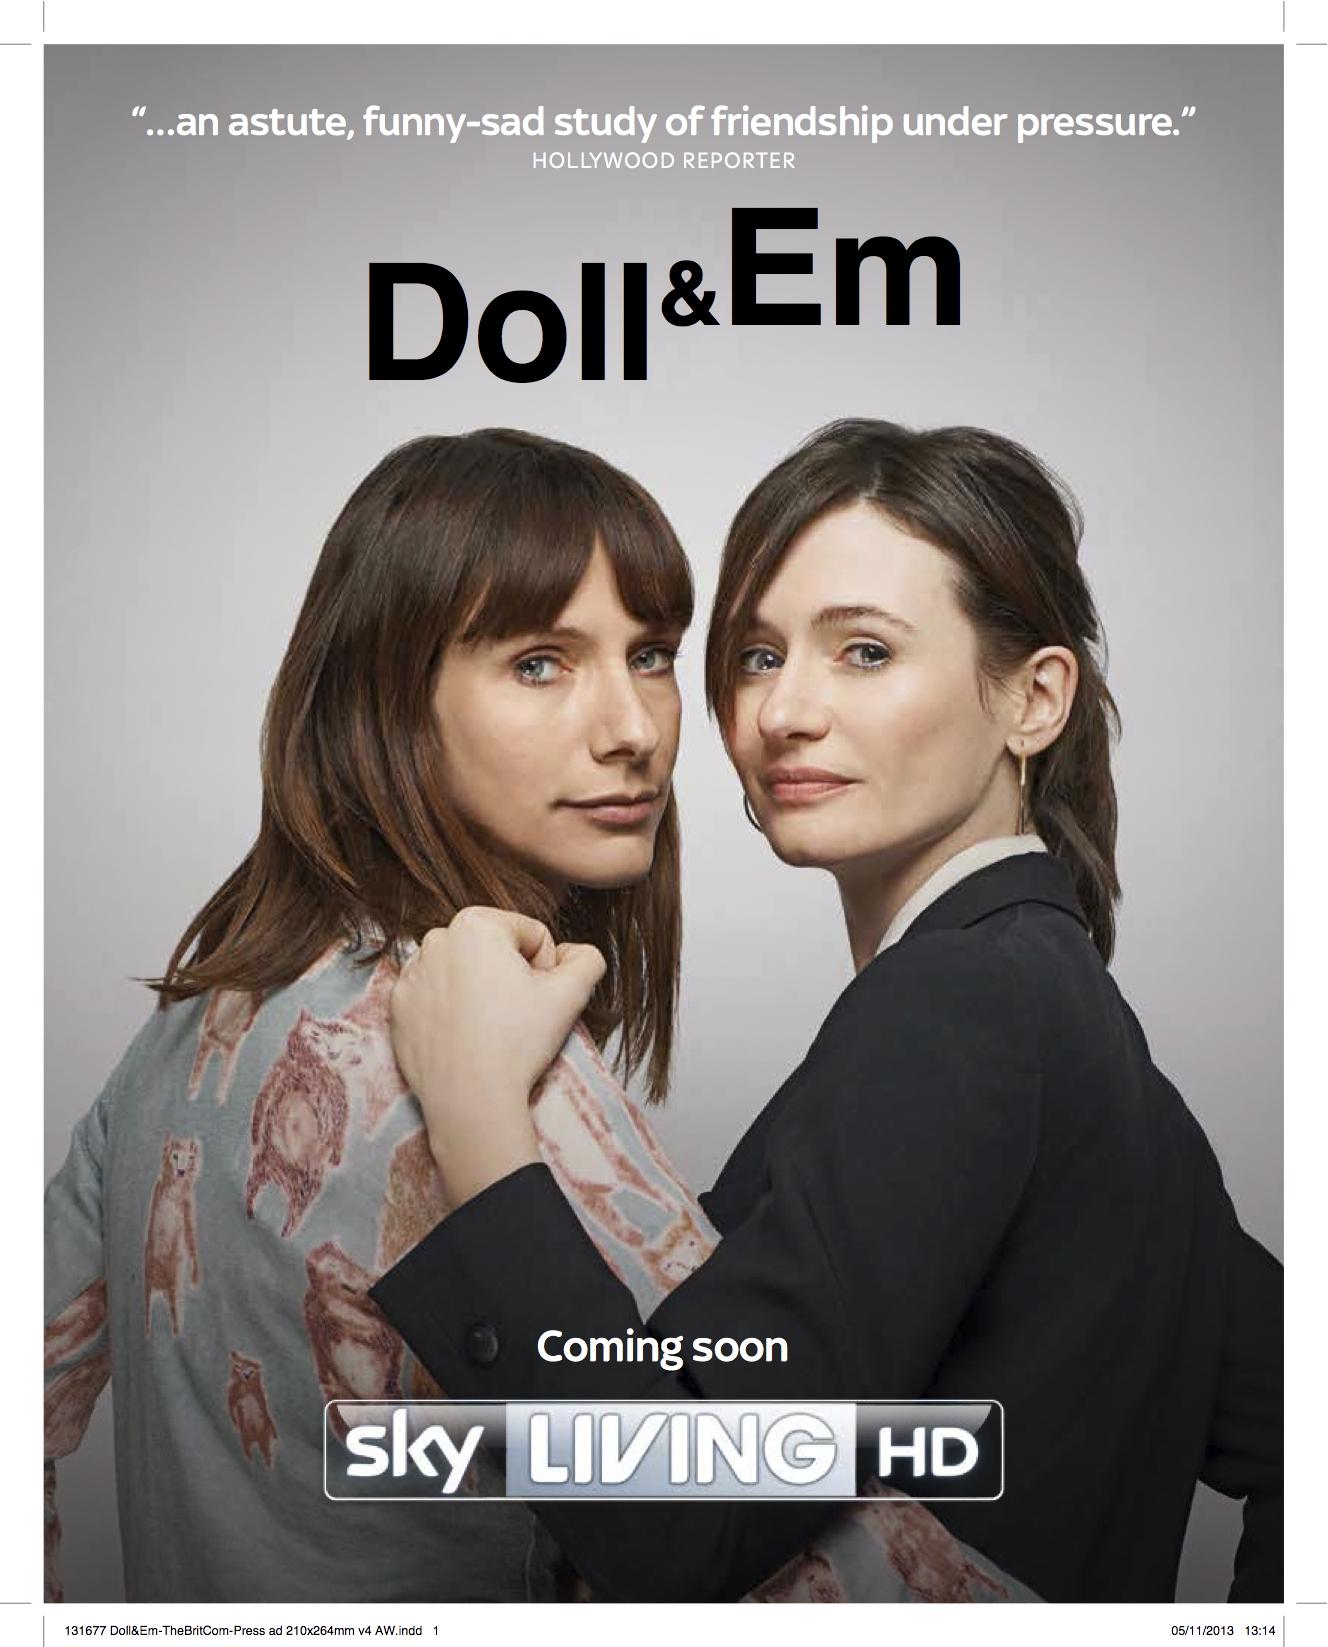 Doll&Em-TheBritCom-Press ad 210x264mm v4 AW LR[1]-1